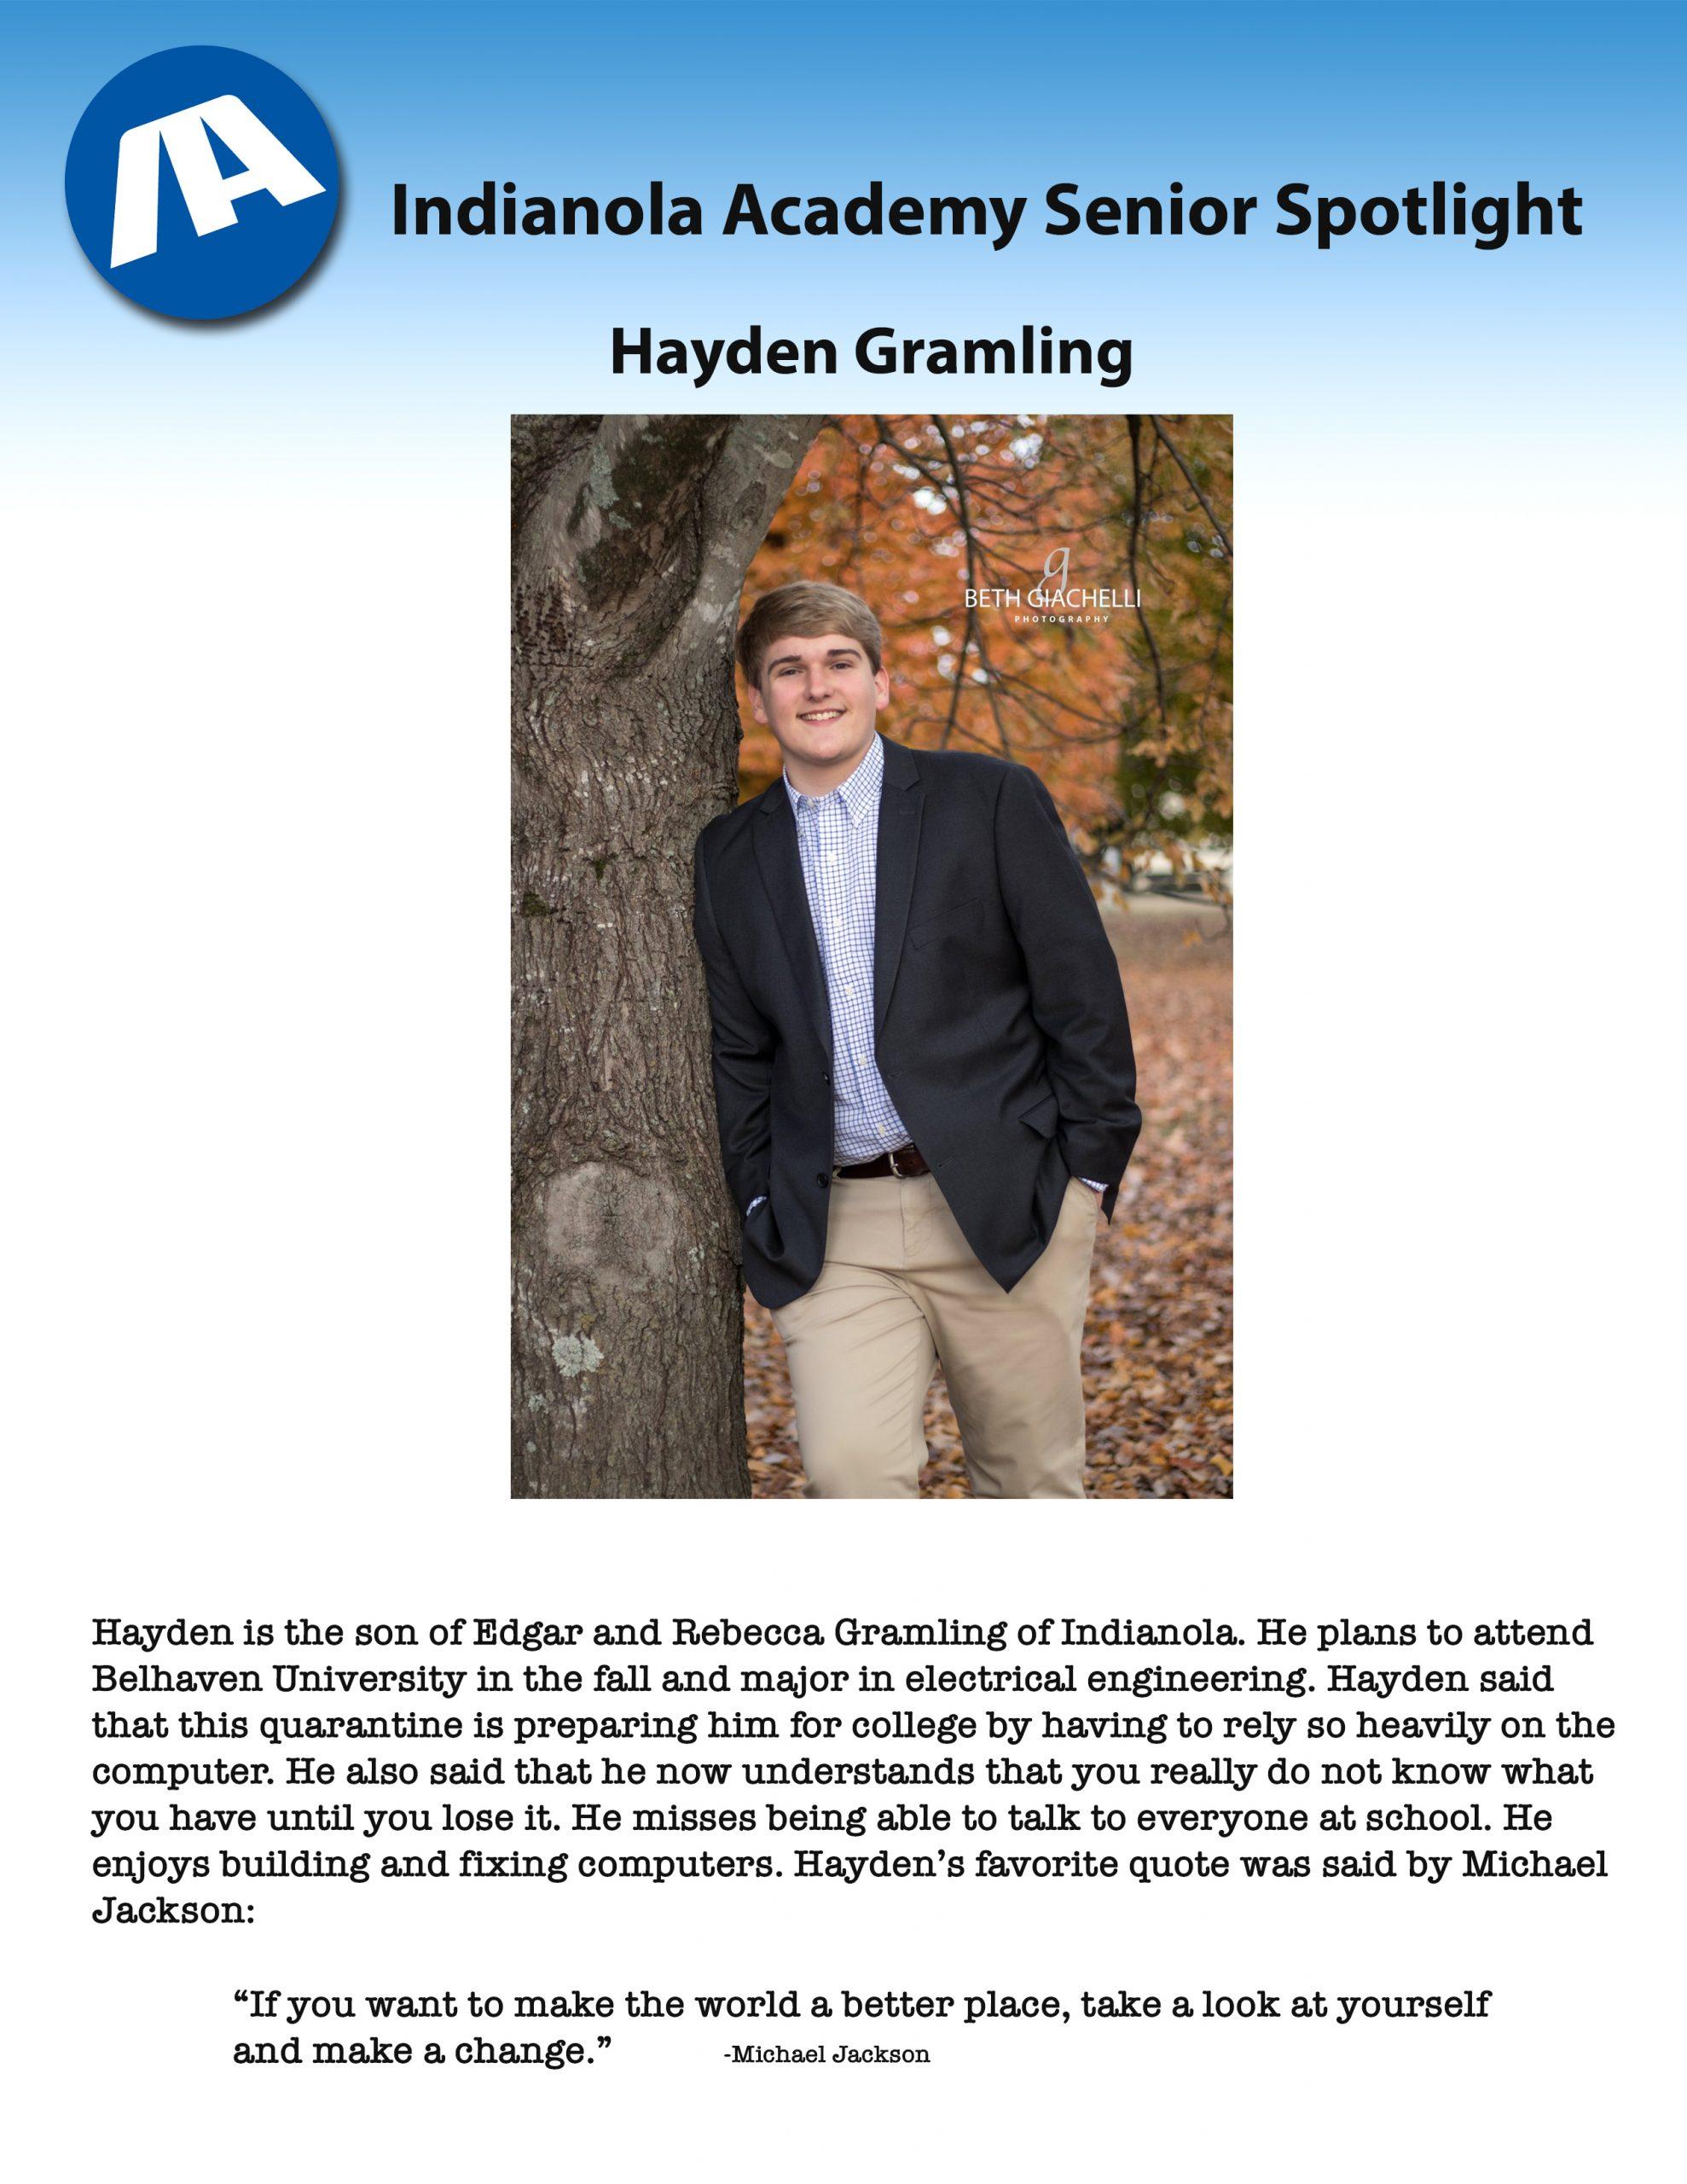 Hayden Gramling